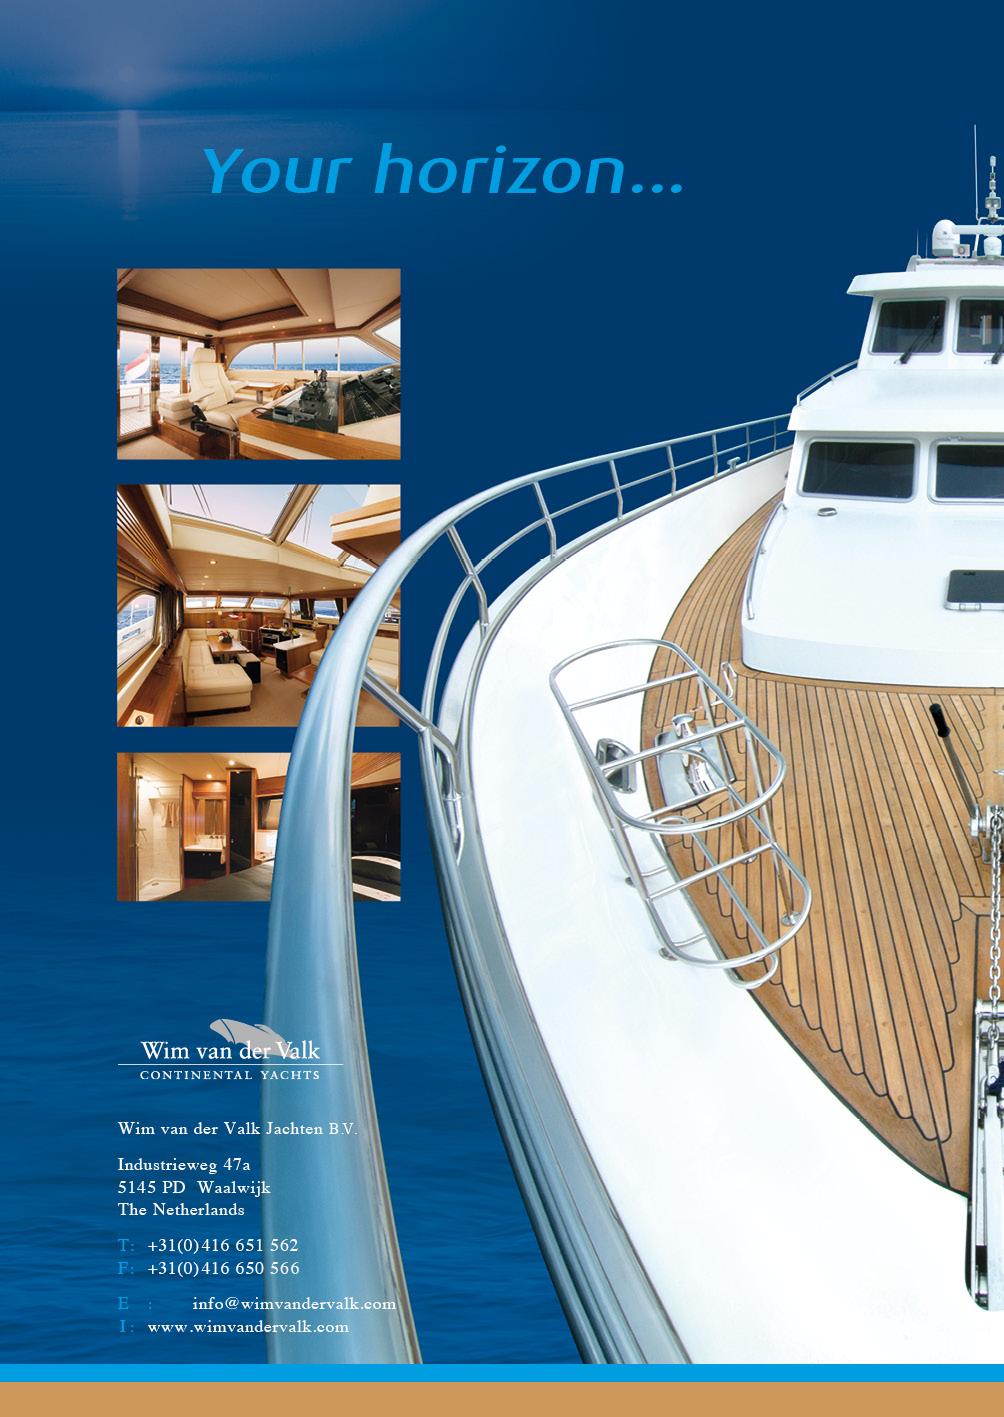 Jachtbouw - • huisstijl & tekst• bedrijfsbrochures• adverts• design | fotografie | illustraties